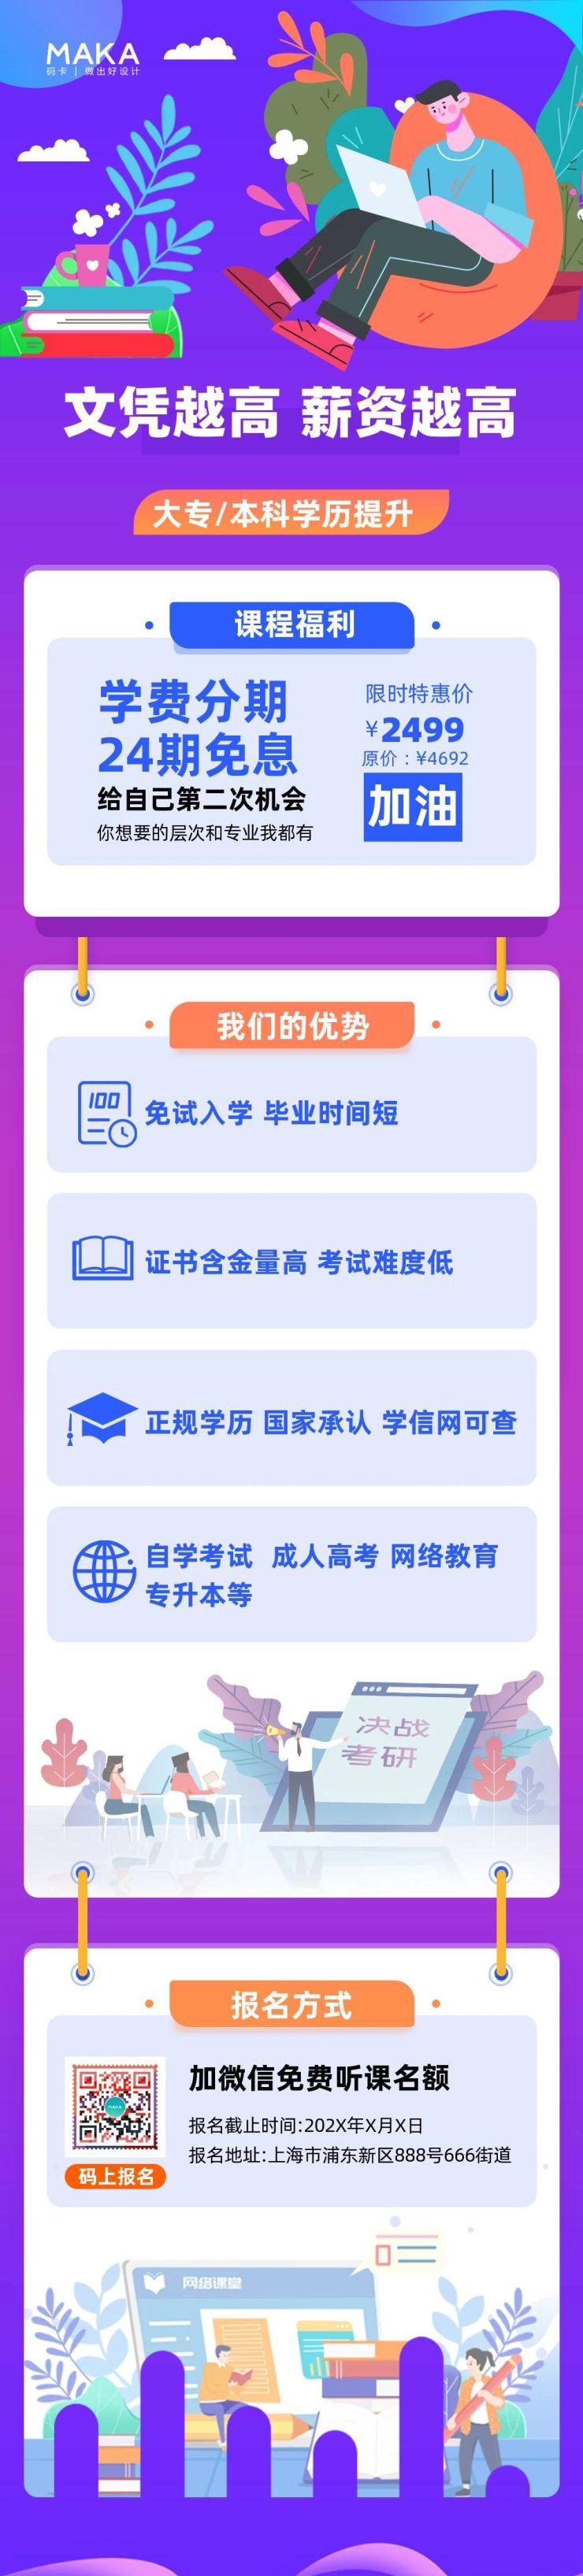 紫色治愈系插画风教育行业考研/学历提升招生宣传推广长图模板